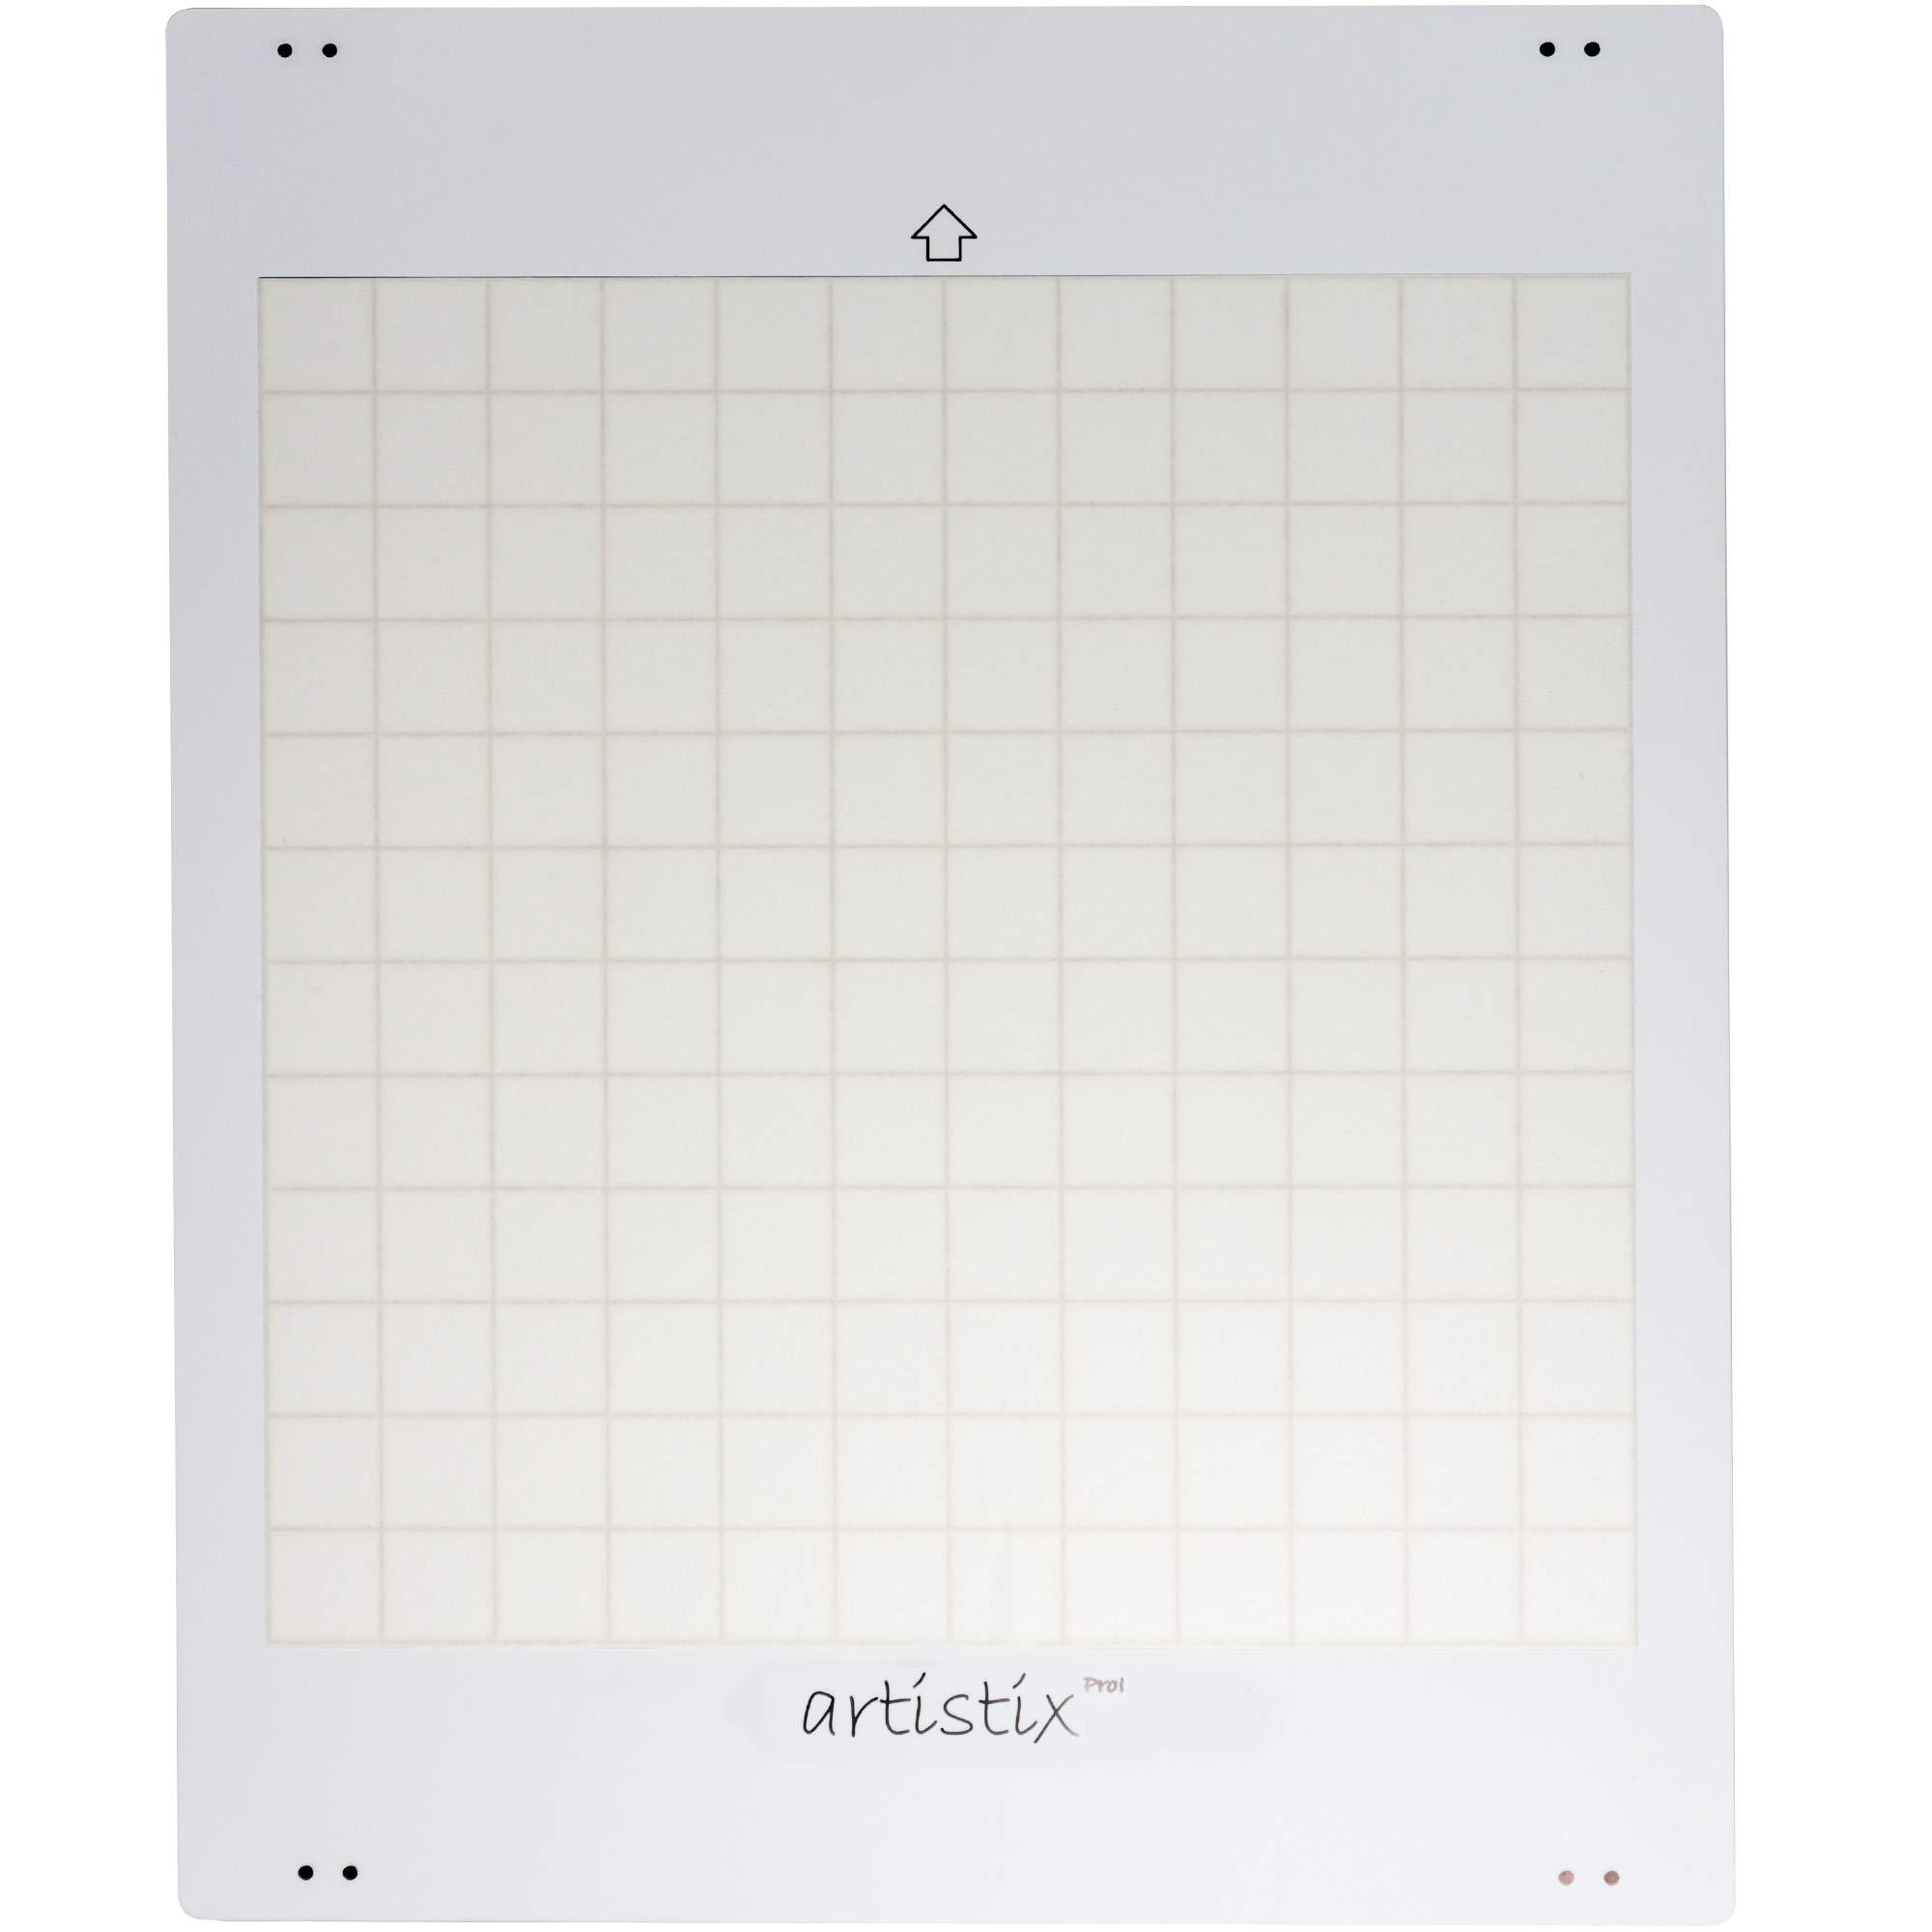 Artistix Cutting Mat Carrier Sheet